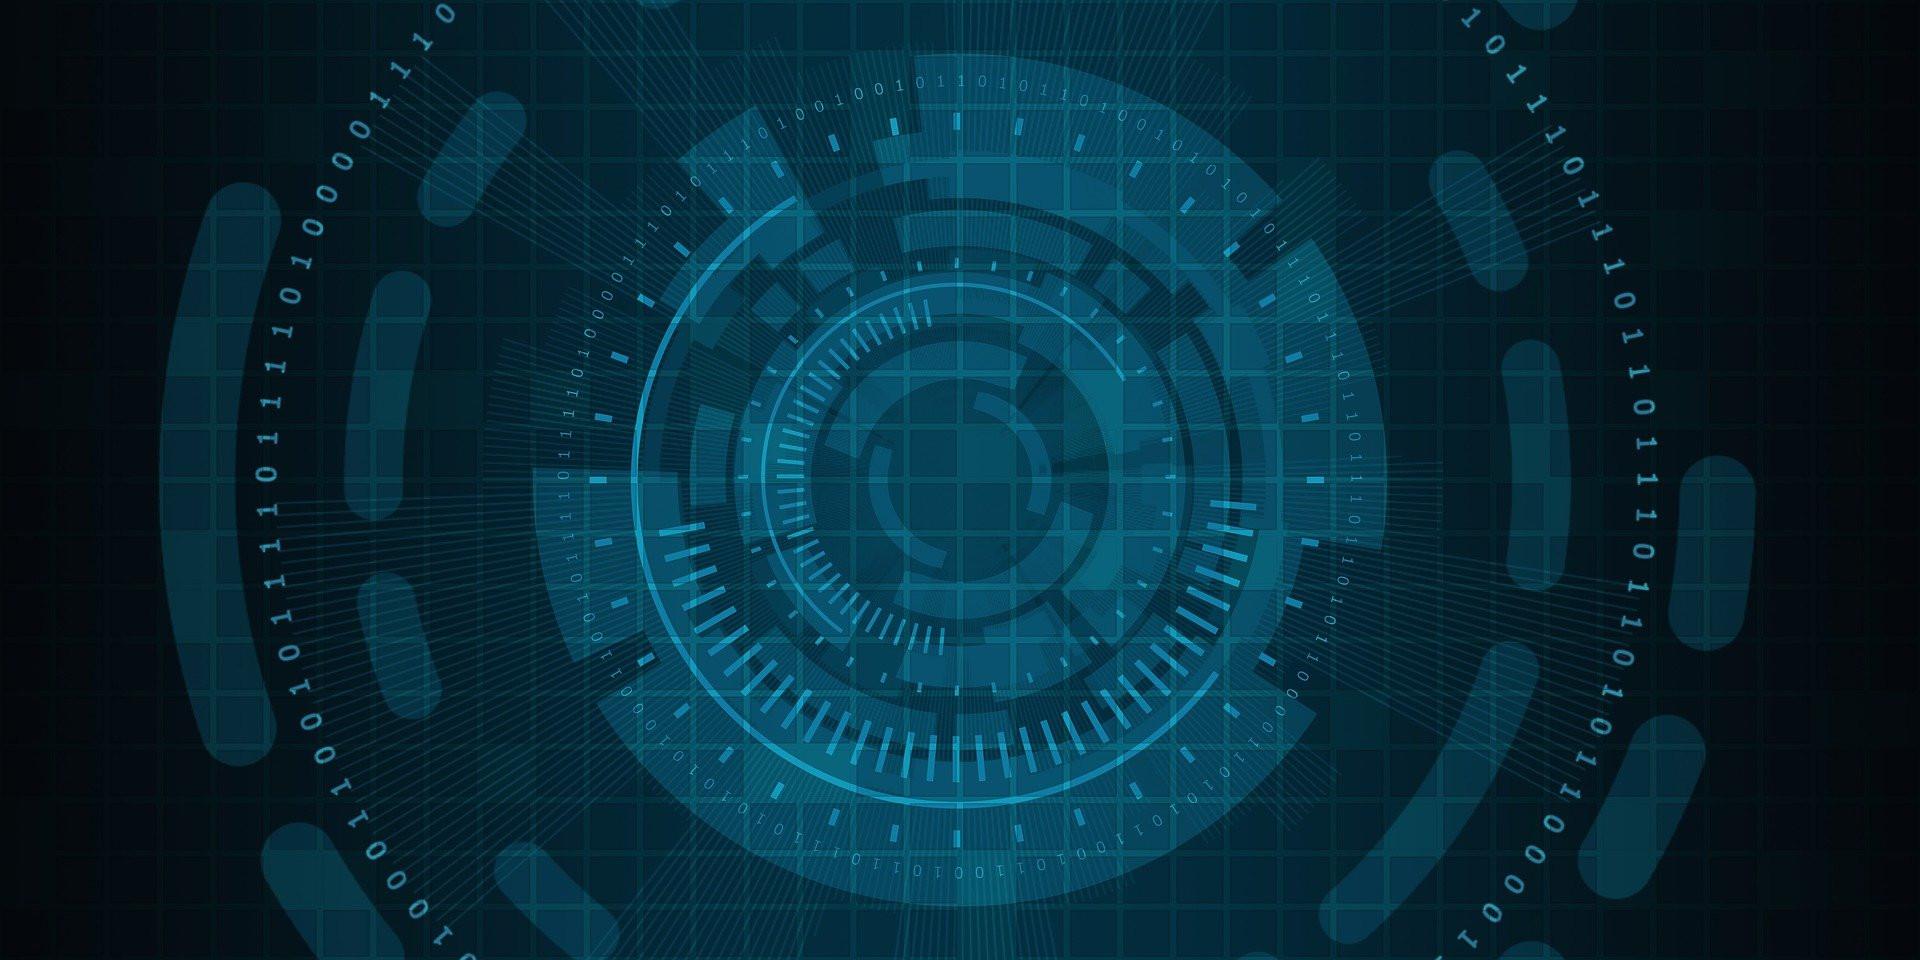 Digit   Digitization   Network